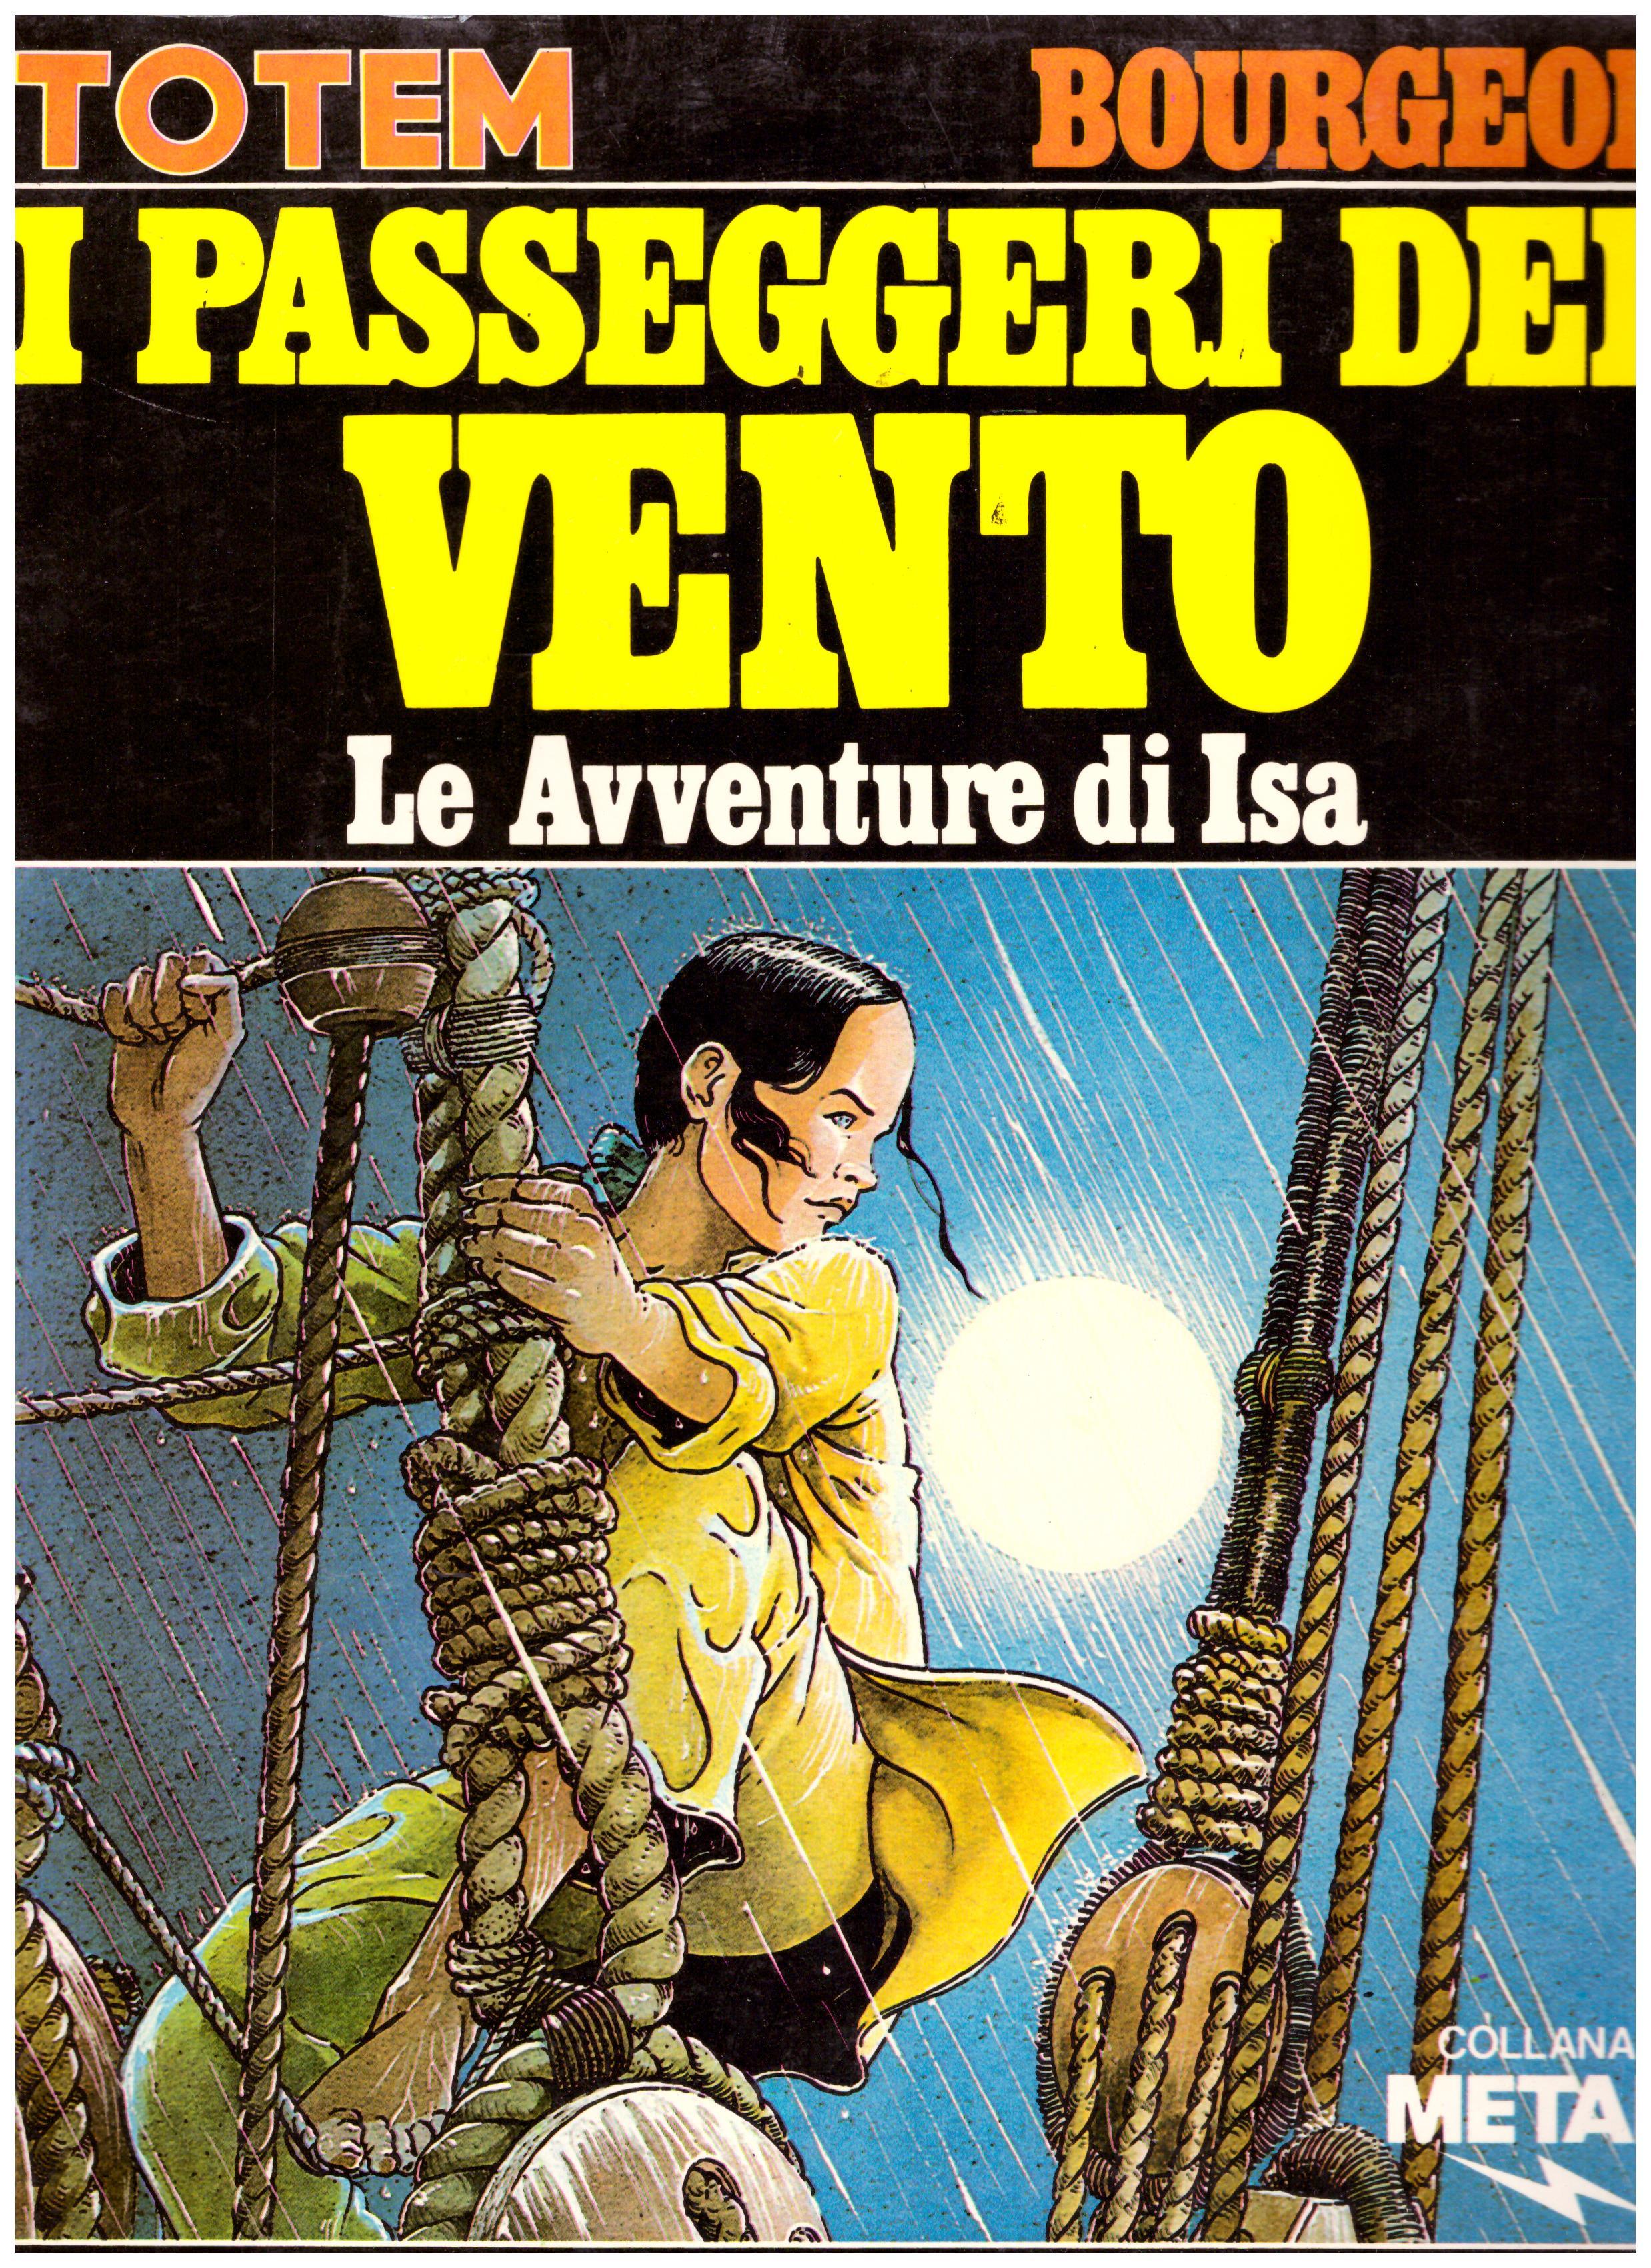 Titolo: I passeggeri del vento, le avventure di Isa Autore: Totem Bourgeon  Editore: Collana Metal